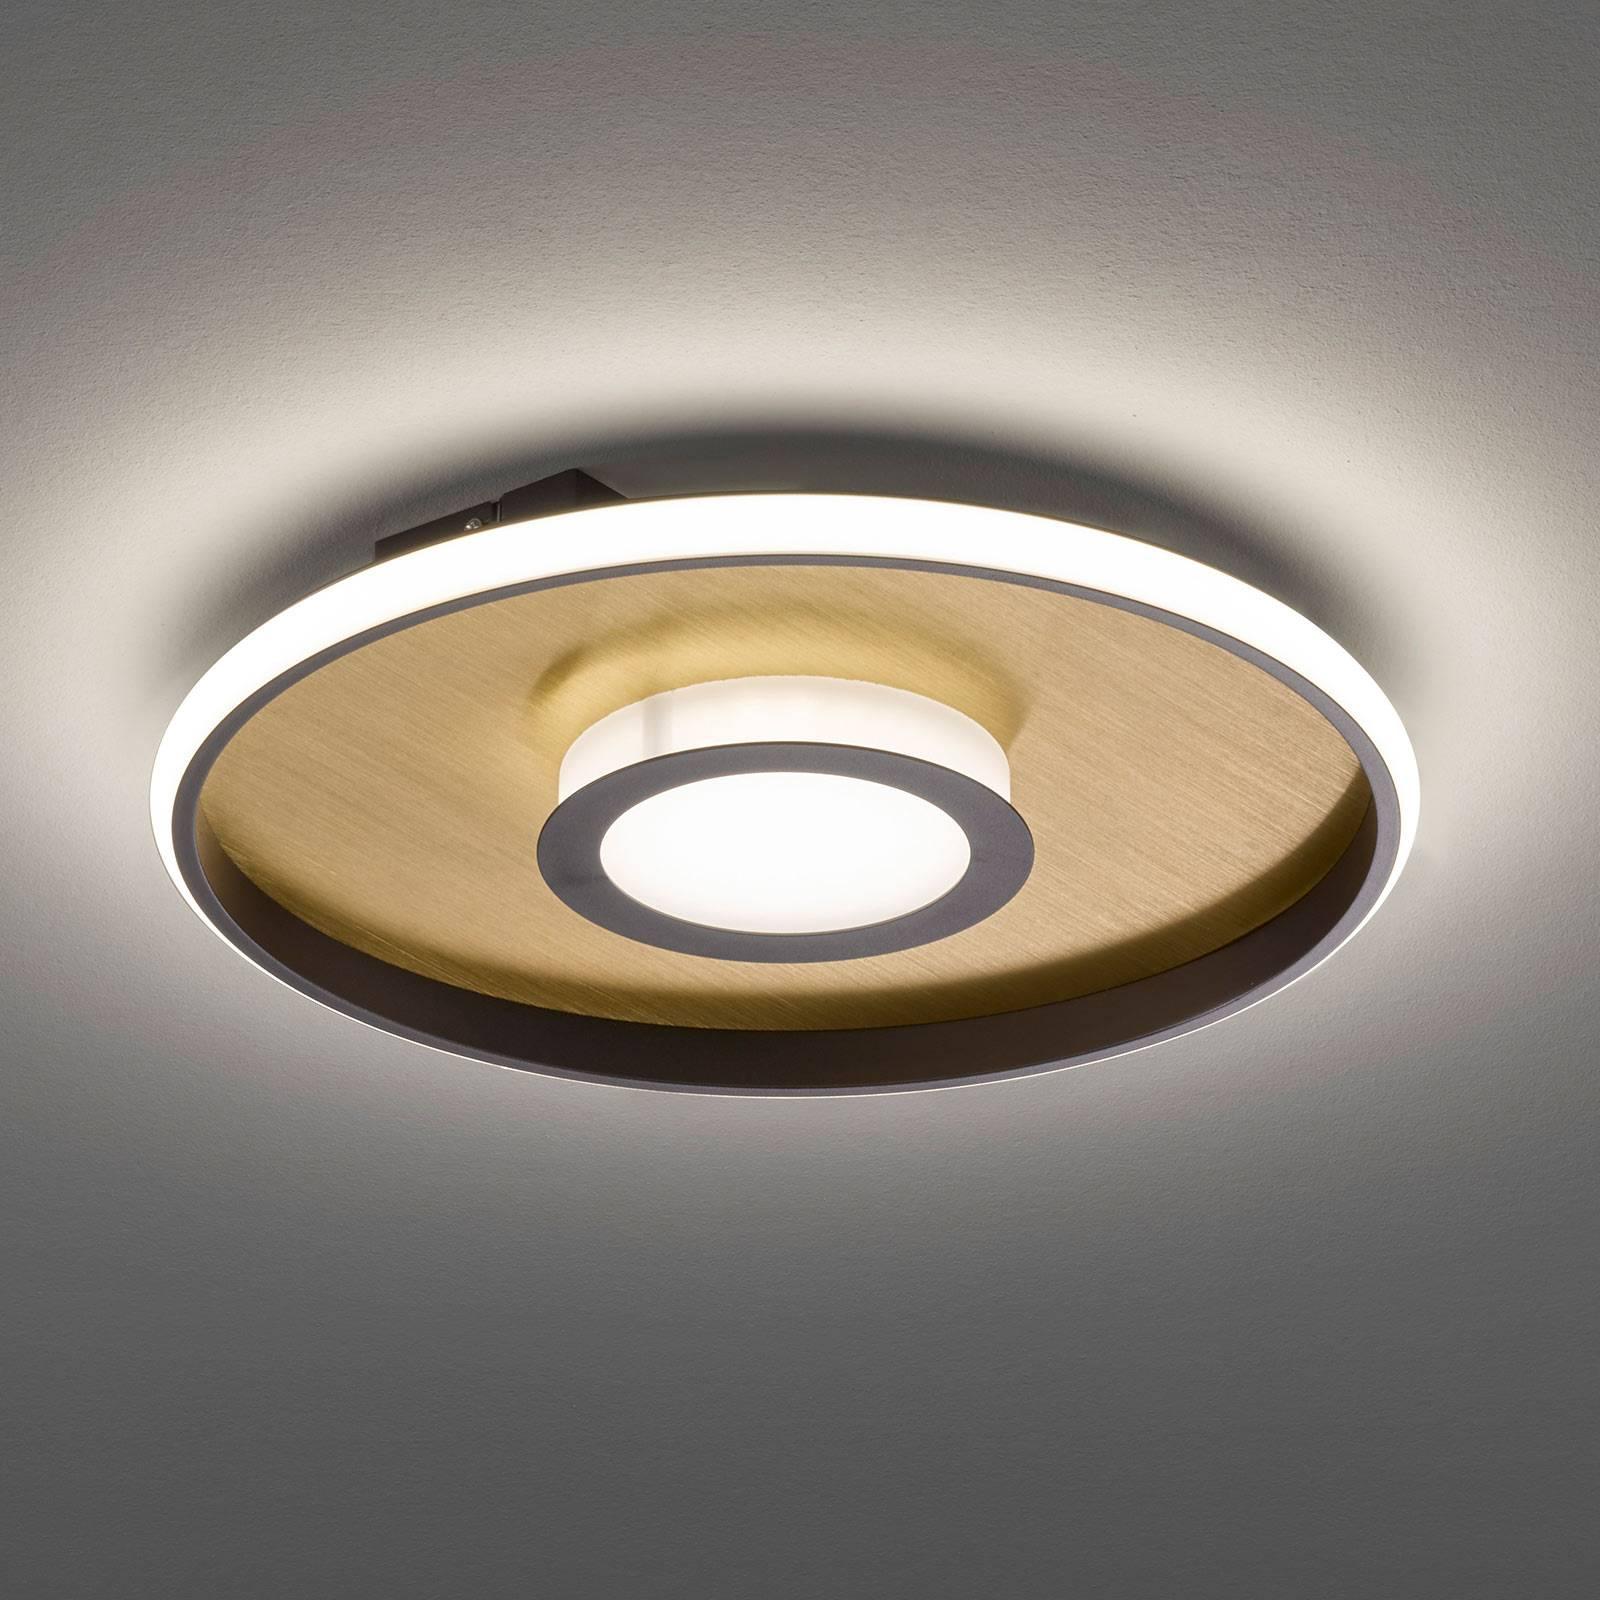 LED-Deckenleuchte Zoe, rund, gold-rost, 45cm